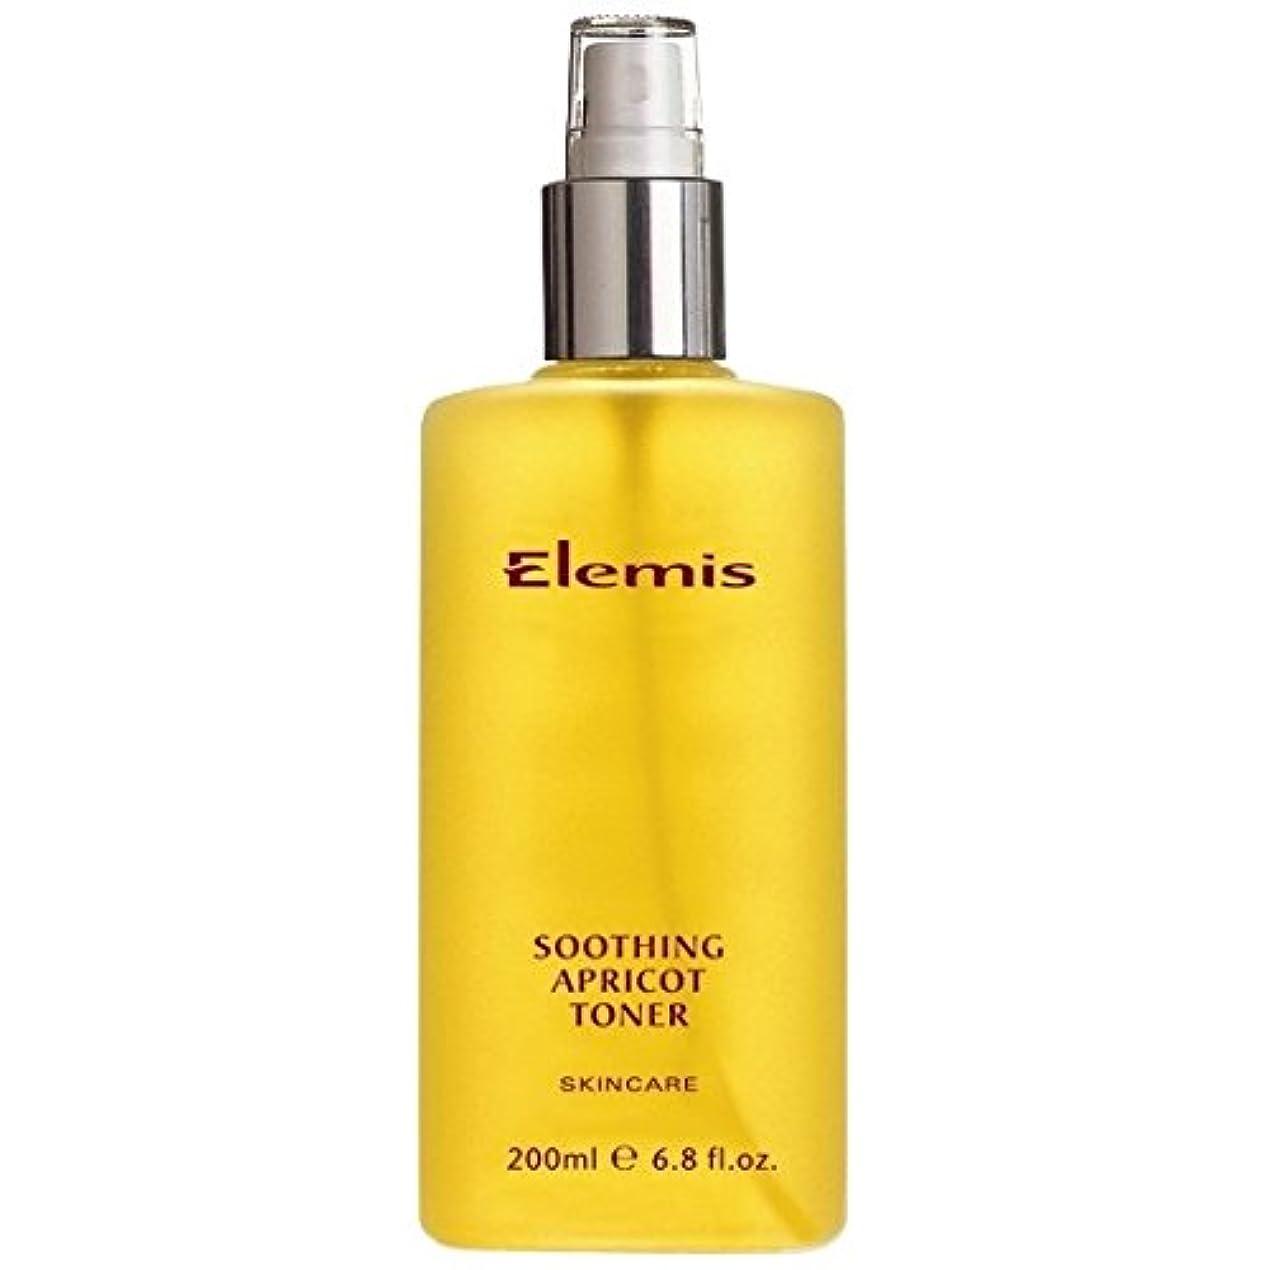 容疑者釈義引き算エレミスはなだめるようなアプリコットトナーをスキンケア (Elemis) (x2) - Elemis Skincare Soothing Apricot Toner (Pack of 2) [並行輸入品]